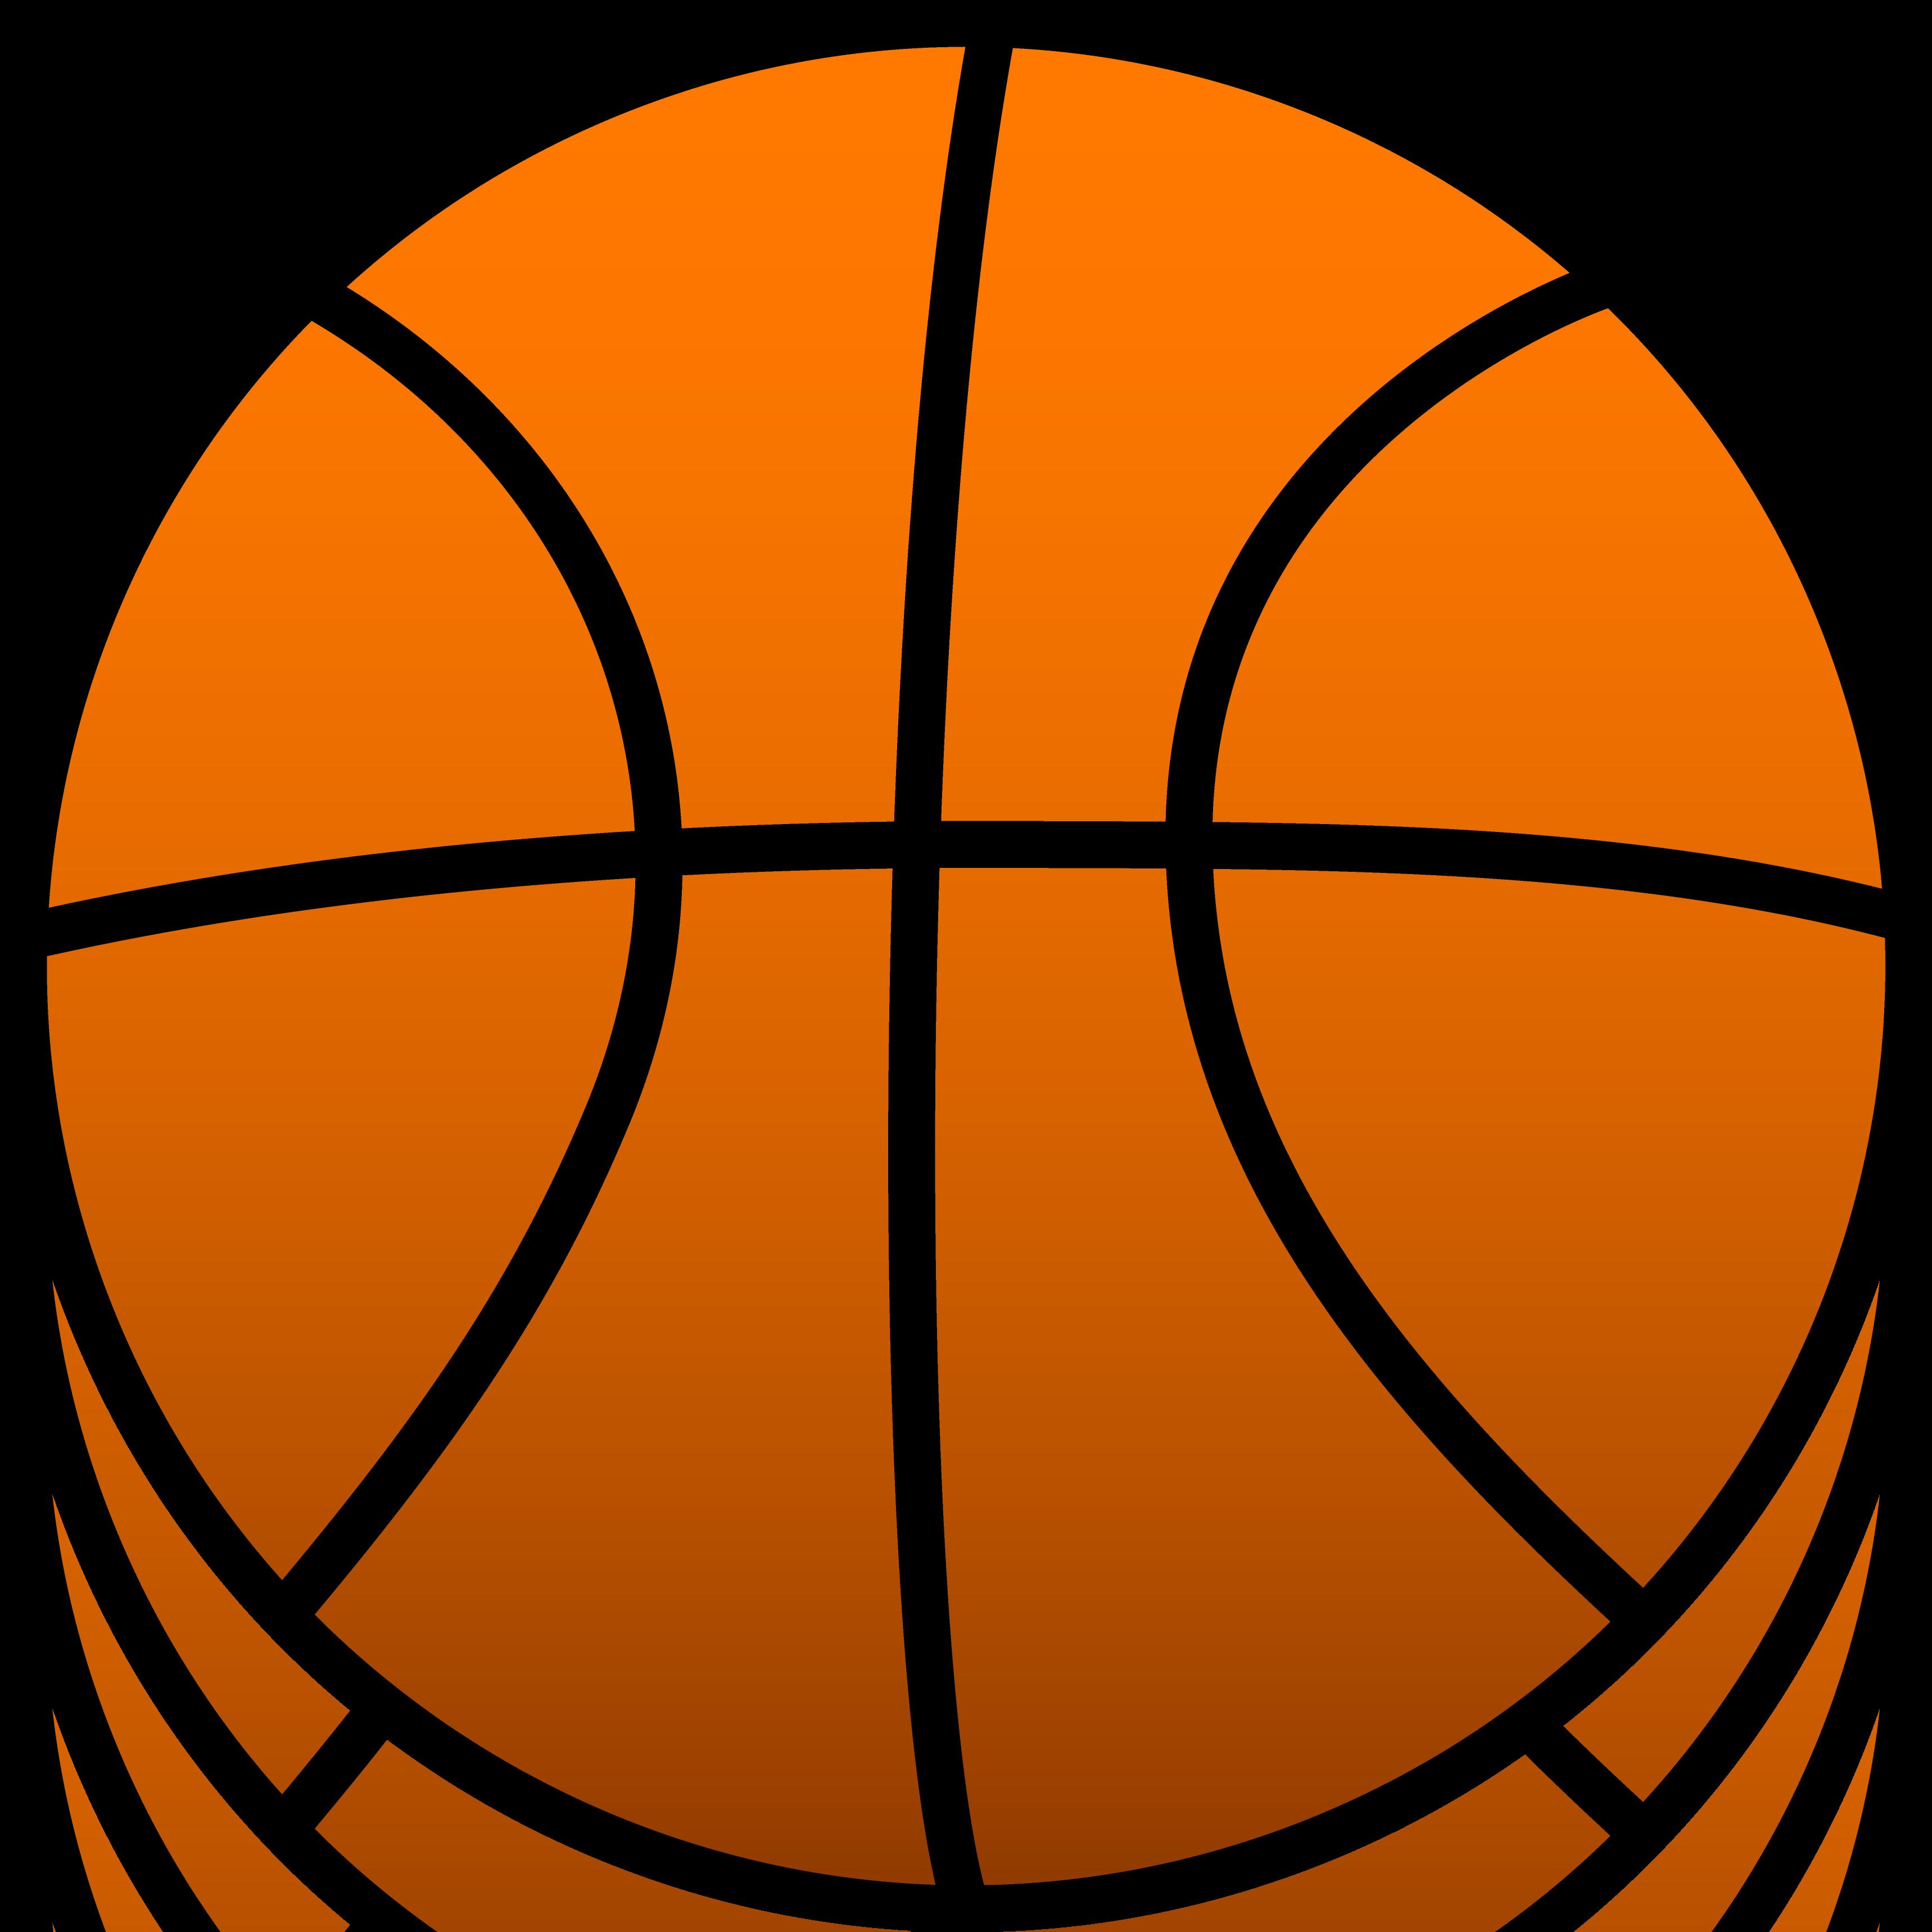 Basketball ball PNG image - Basketball PNG